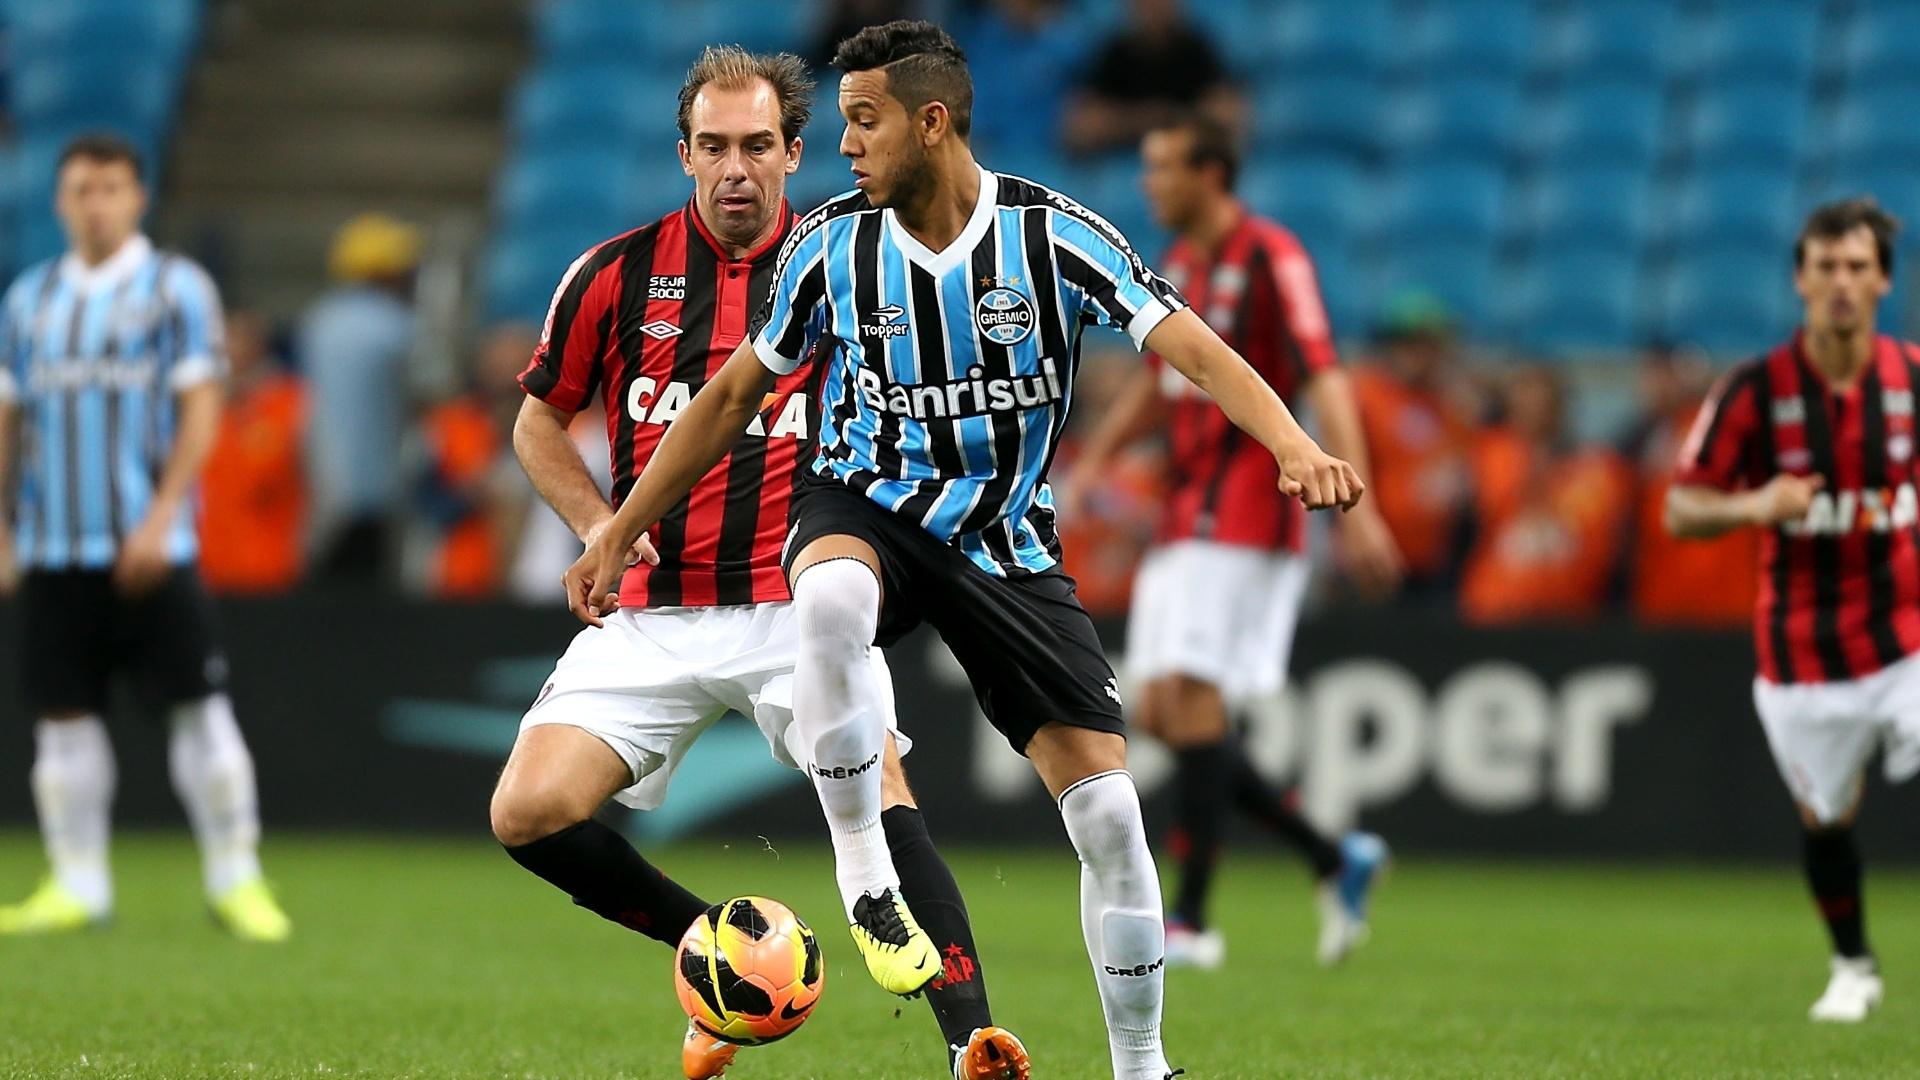 02.out.2013 - Souza, do Grêmio, e Paulo Baier, do Atlético-PR, em lance da 25ª rodada do Brasileirão